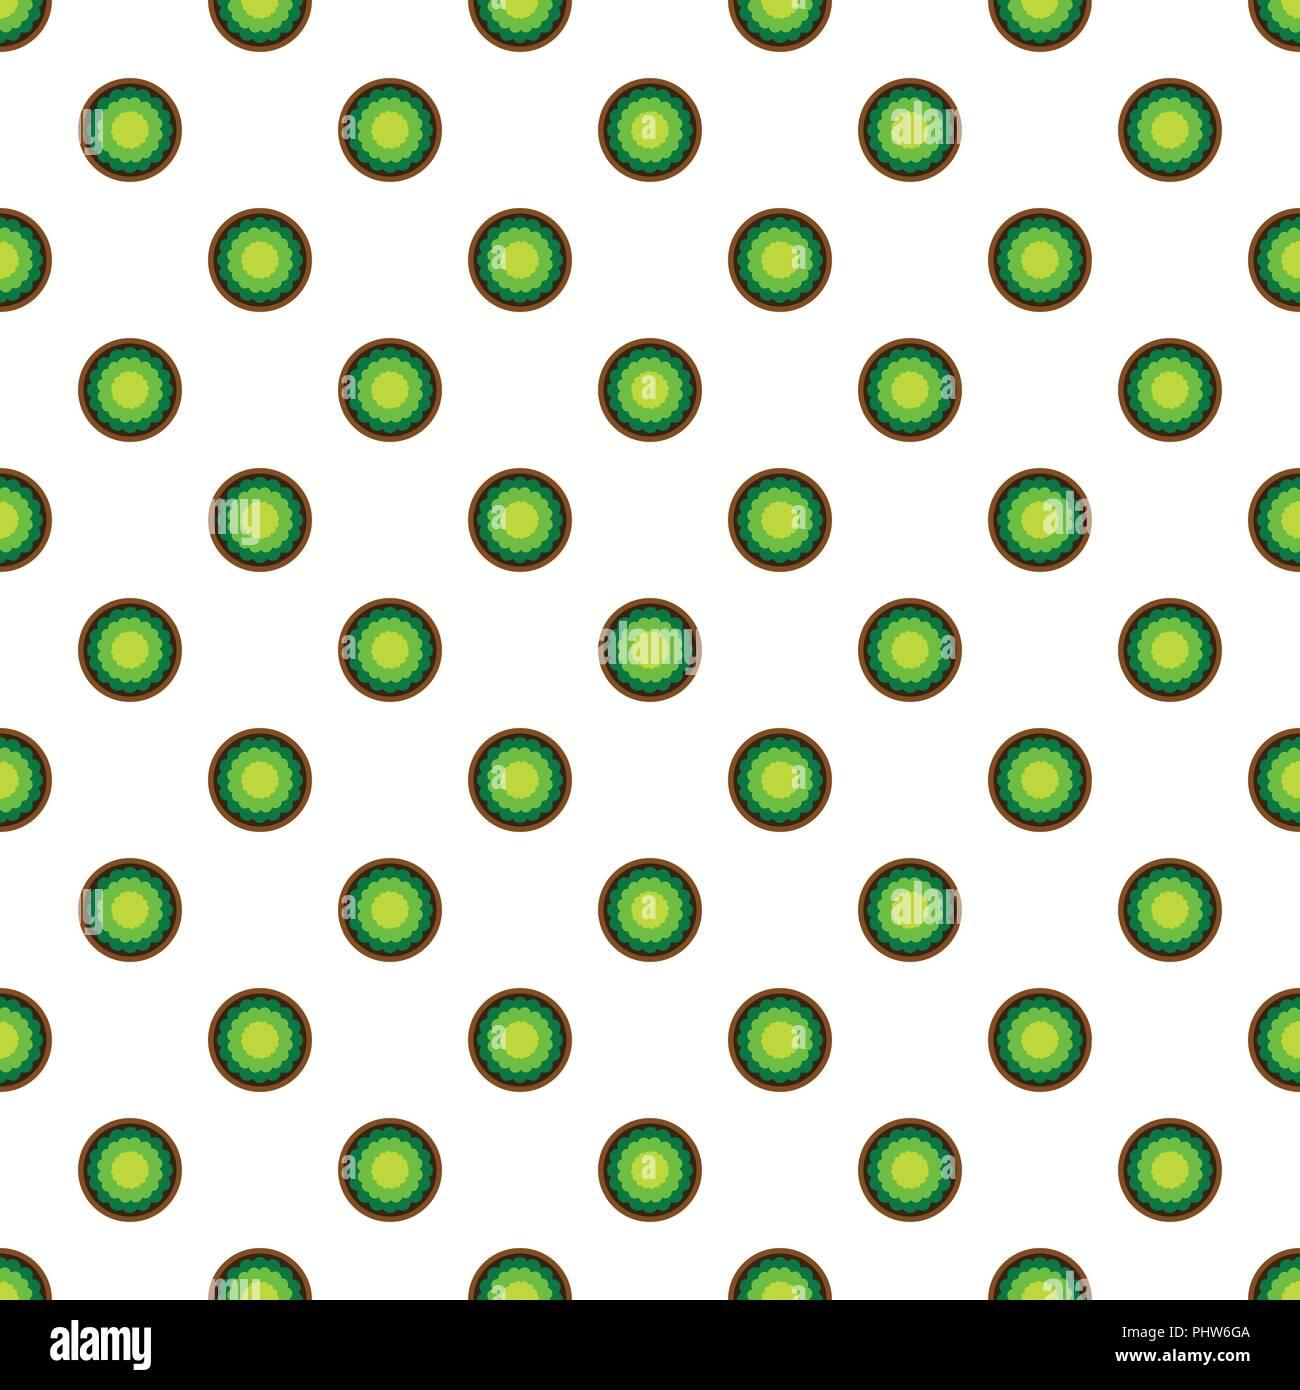 Sfondo senza giunture di vettore e colorato di astratta texture di sfondo, pattern sfondo che crea dal cerchio, ovale, quadrata, bordo frastagliato, stella. Immagini Stock